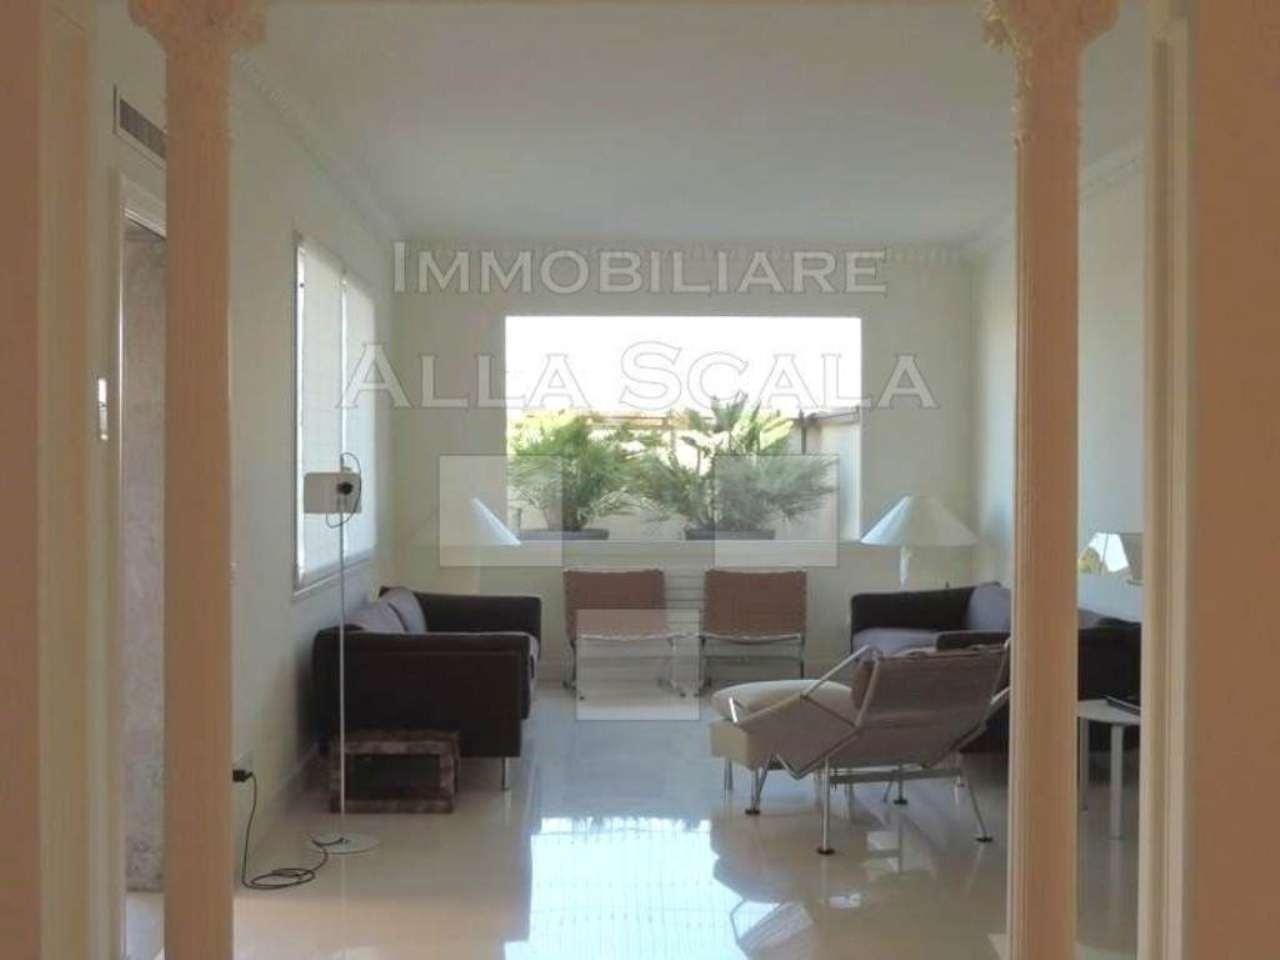 Appartamento in affitto a Milano, 3 locali, zona Zona: 1 . Centro Storico, Duomo, Brera, Cadorna, Cattolica, prezzo € 5.416 | Cambio Casa.it